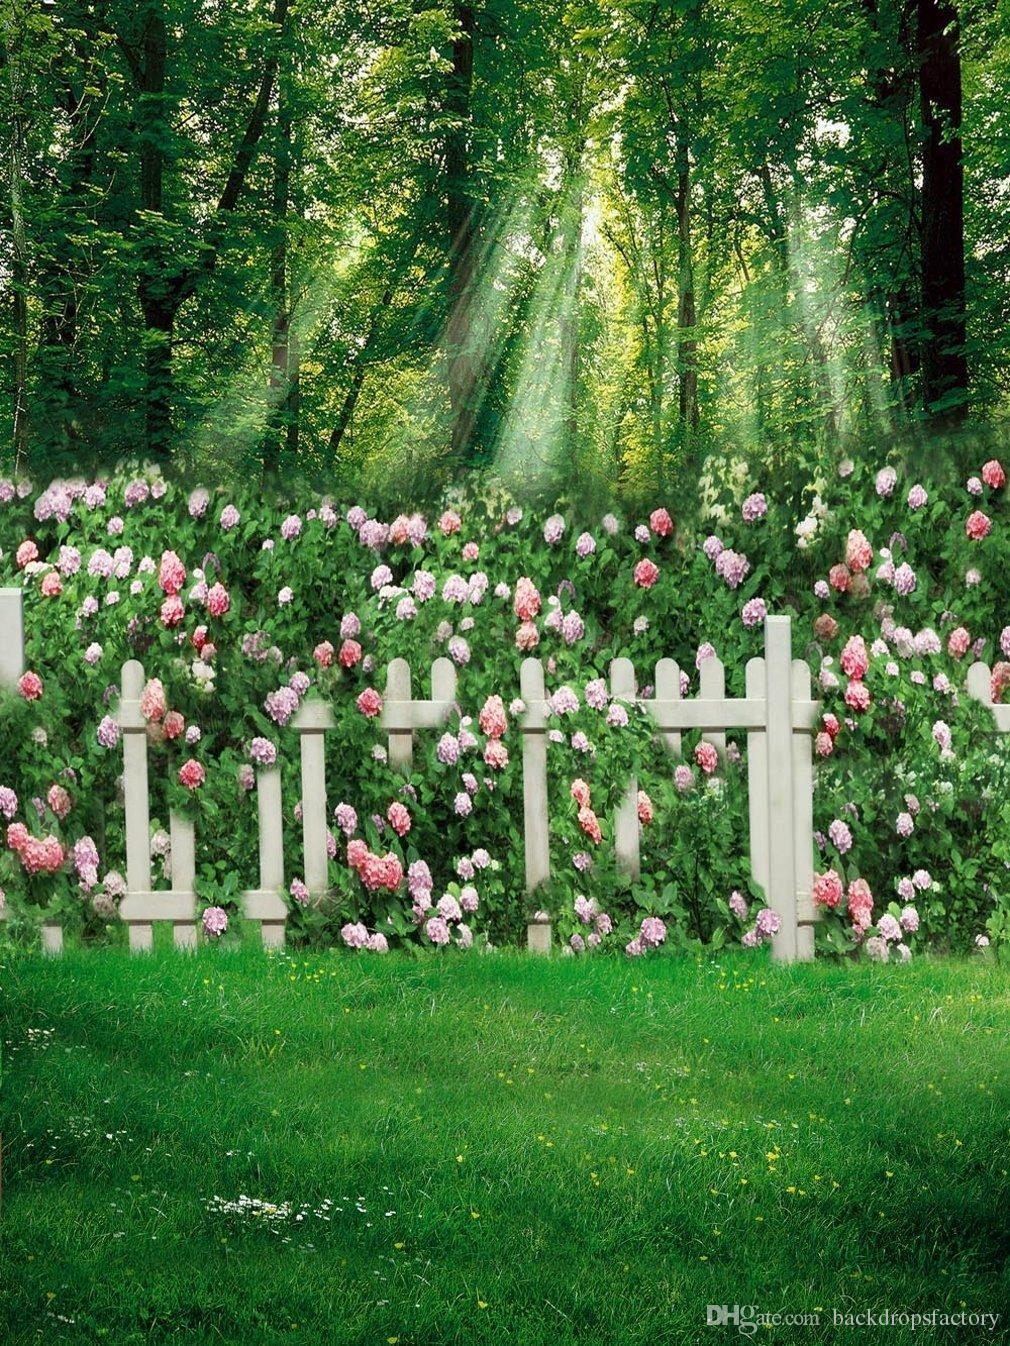 Grosshandel Spring Flower Garden Hintergrunde Green Grassland White